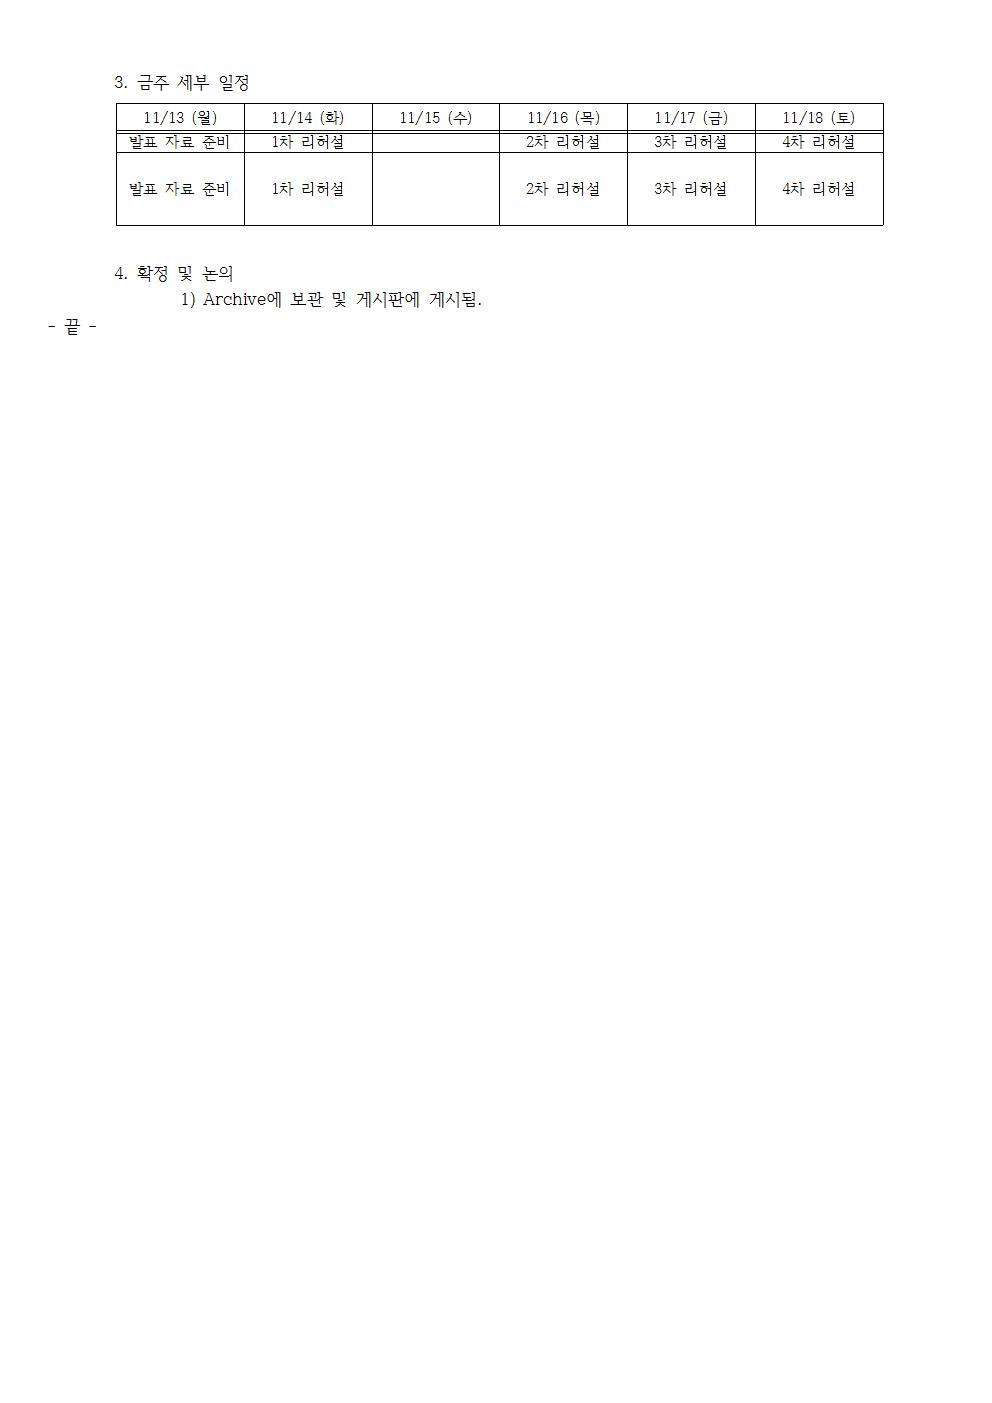 D-[17-076-PP-12]-[PoEM2017-P]-[JS]-[2017-11-16]-[PLAN][DO]002.jpg